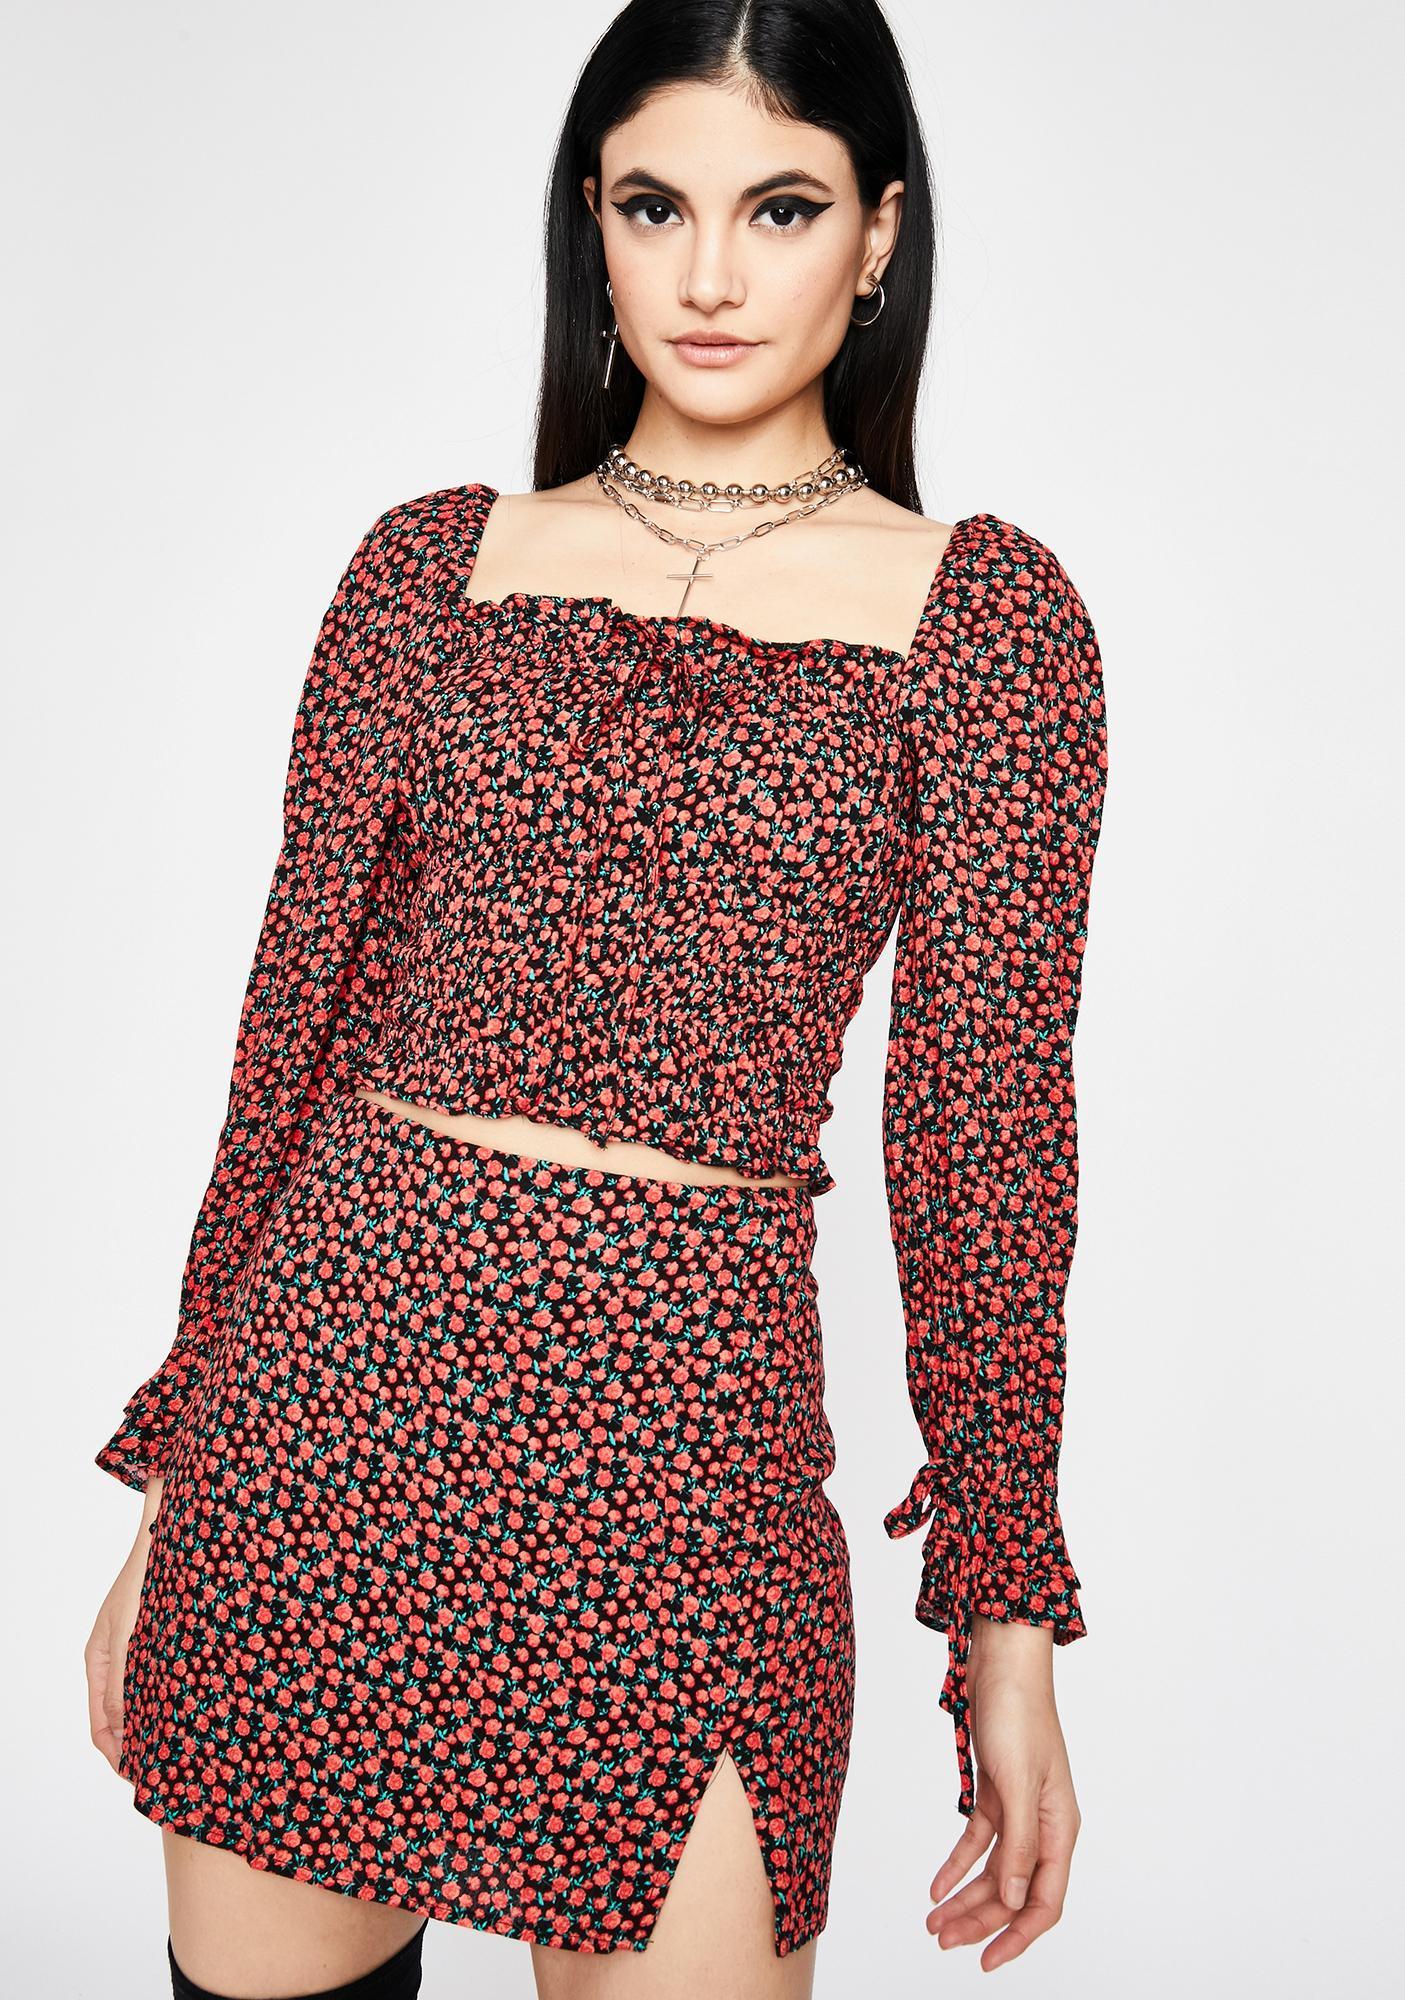 BB Bloomer Mini Skirt